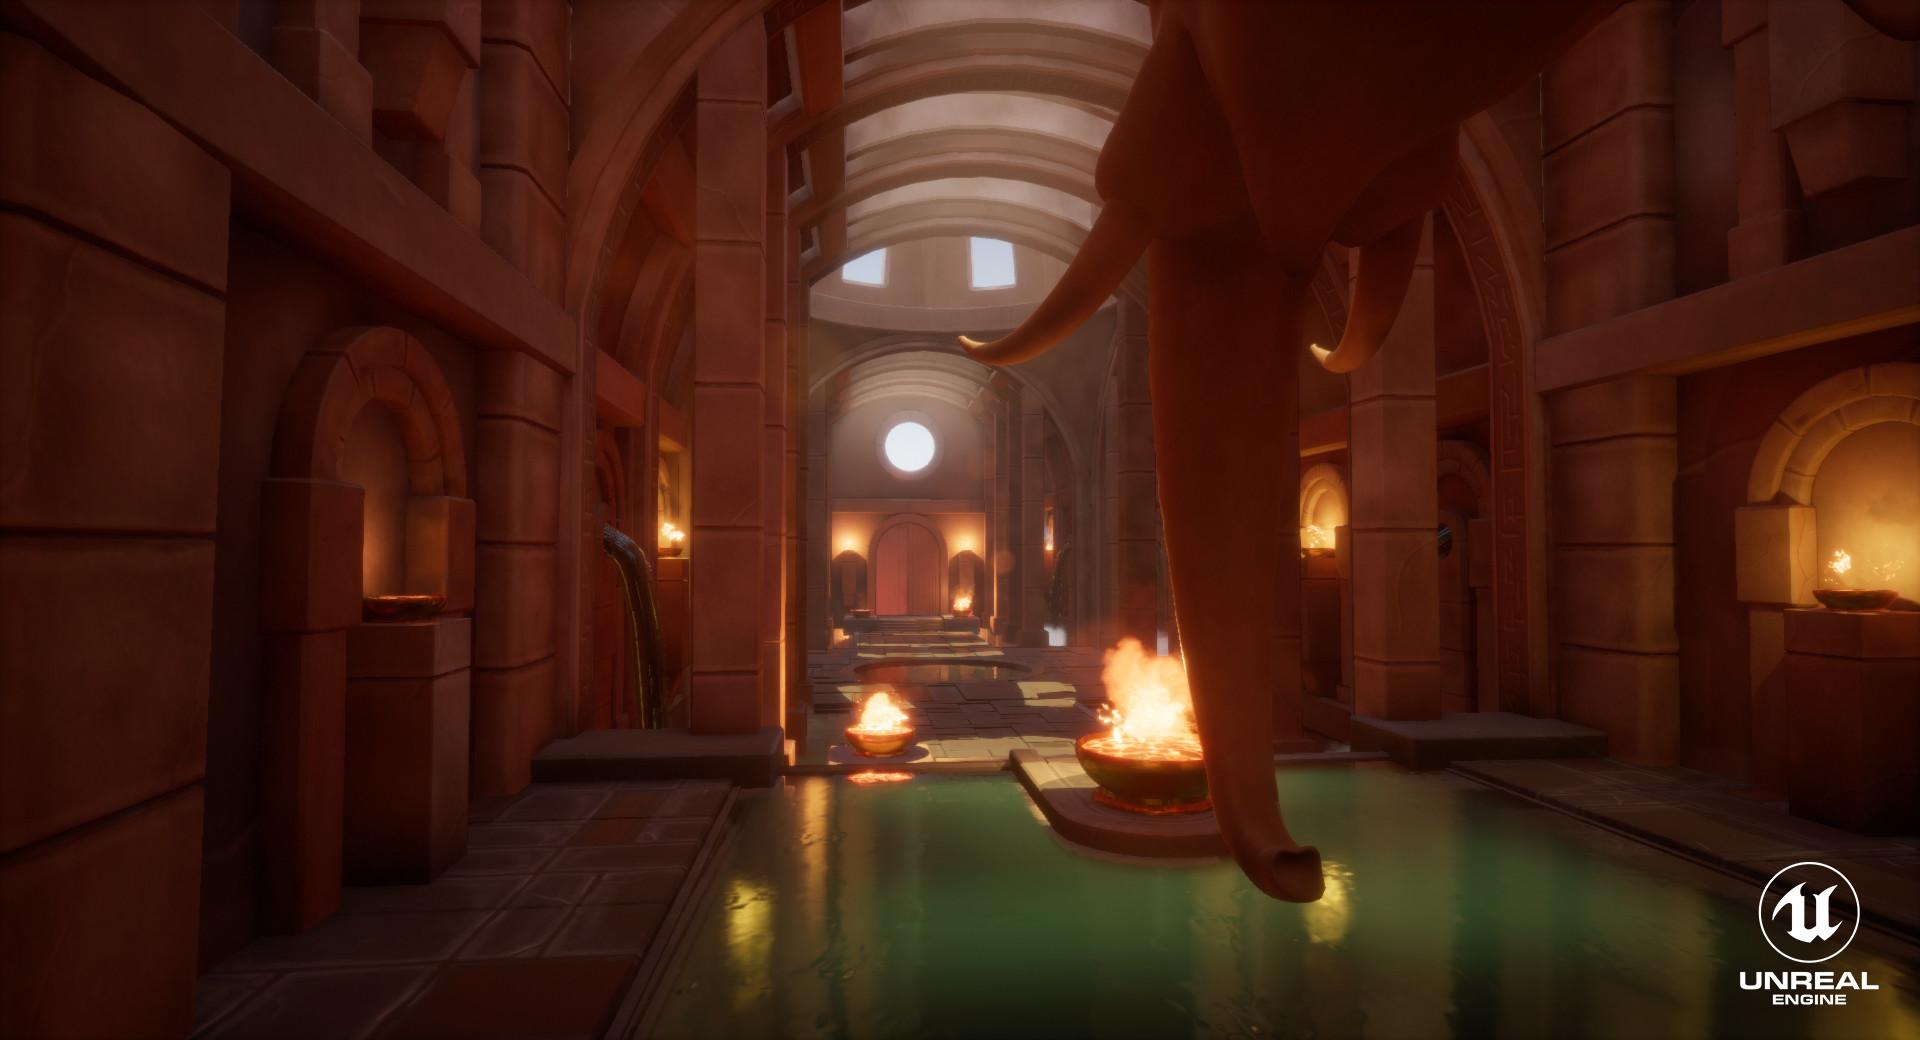 Nicolas crevier crevier nicolas temple 04